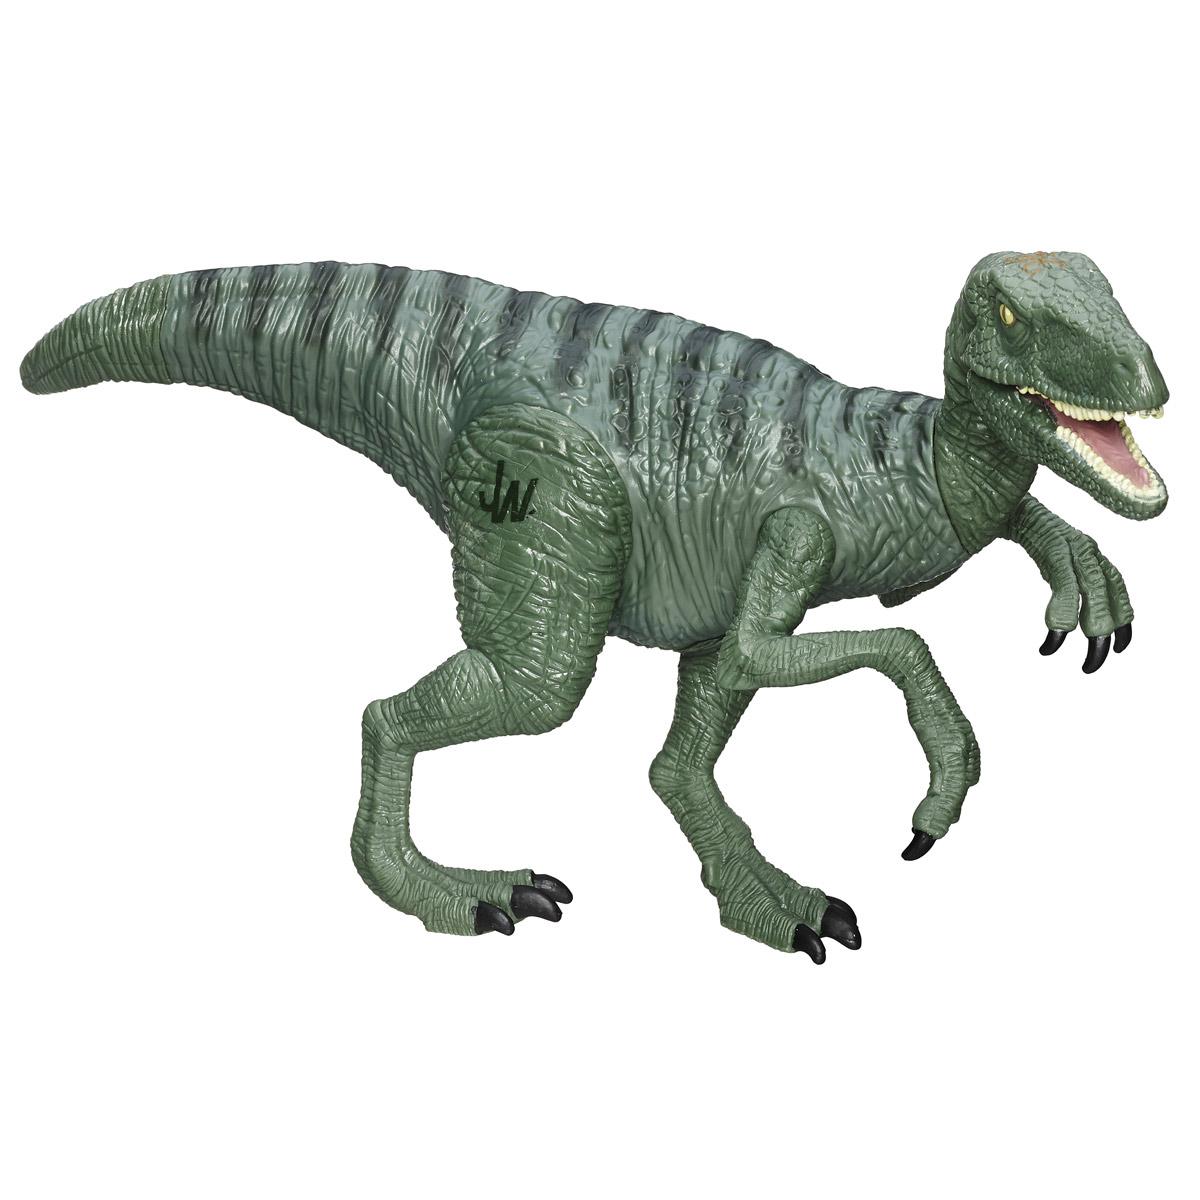 Фигурка Jurassic World Титаны: Velociraptor CharlieB1139 B1140_ VELOCIRAPTOR  CHARLIEФигурка динозавра Jurassic World Титаны: Velociraptor Charlie непременно понравится вашему ребенку! Любителям реалистичных имитаций обитателей животного мира в доисторический период данное изделие подойдет как нельзя лучше. Велоцираптор Чарли - очень качественная фигурка, которая обладает отличной детализацией и сохранением пропорций тела динозавра. Игрушка изготовлена из безопасных и надежных материалов, на высоком уровне имитирующих особенности кожи древних ящеров. Верхние конечности фигурки двигаются. Ваш ребенок часами будет играть с фигуркой, придумывая различные истории. Порадуйте его таким замечательным подарком!